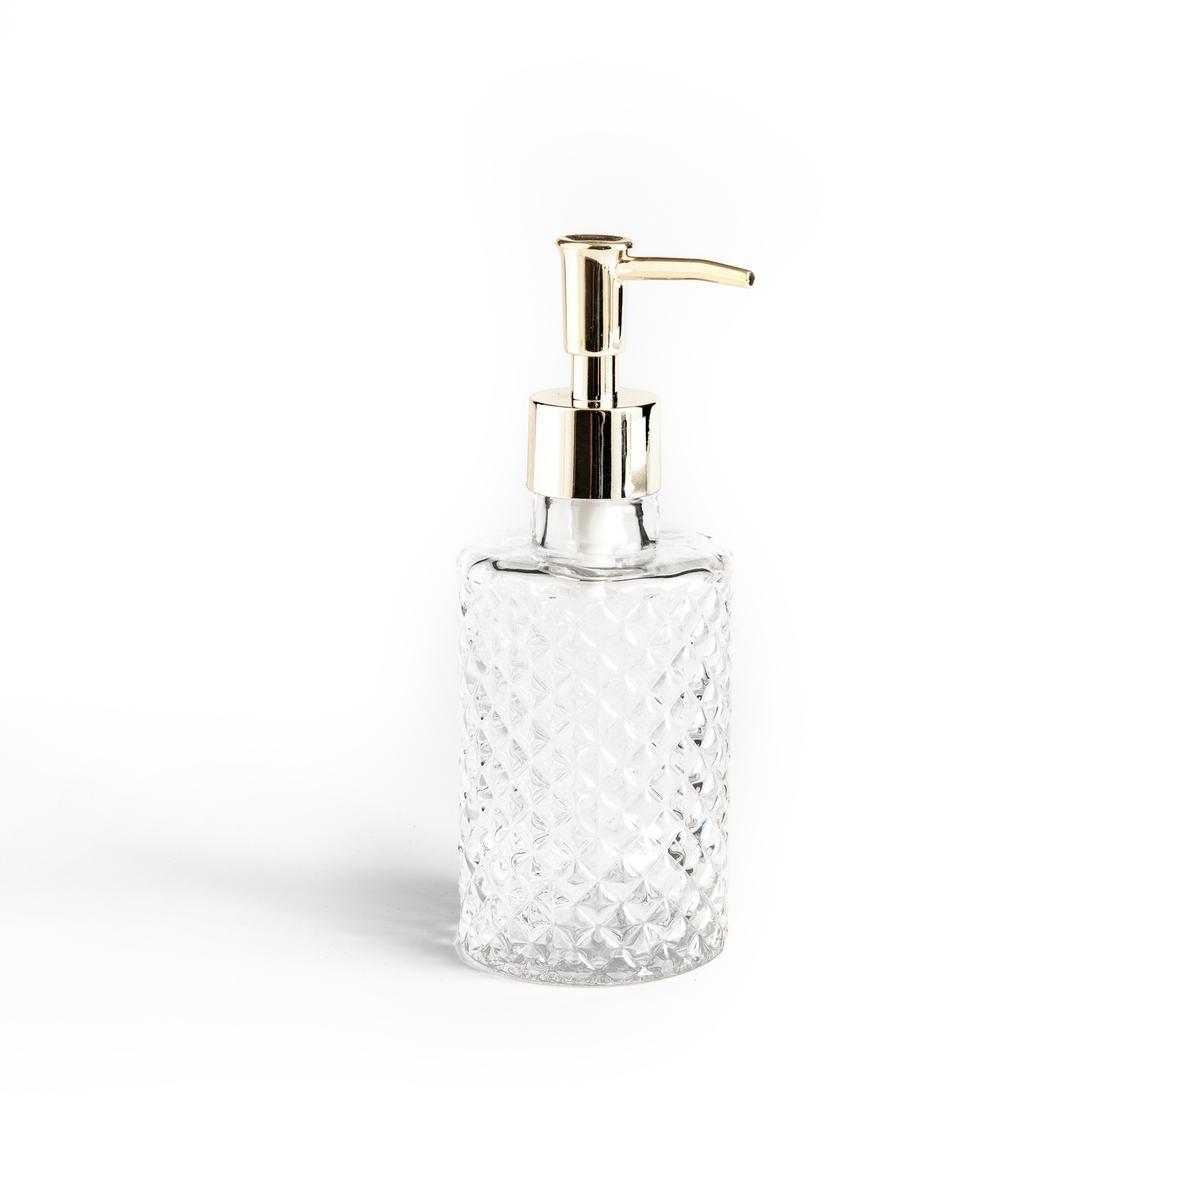 Дозатор жидкого мыла PLIAC дозатор для жидкого мыла primanova angel 8 8 6 19 8 см